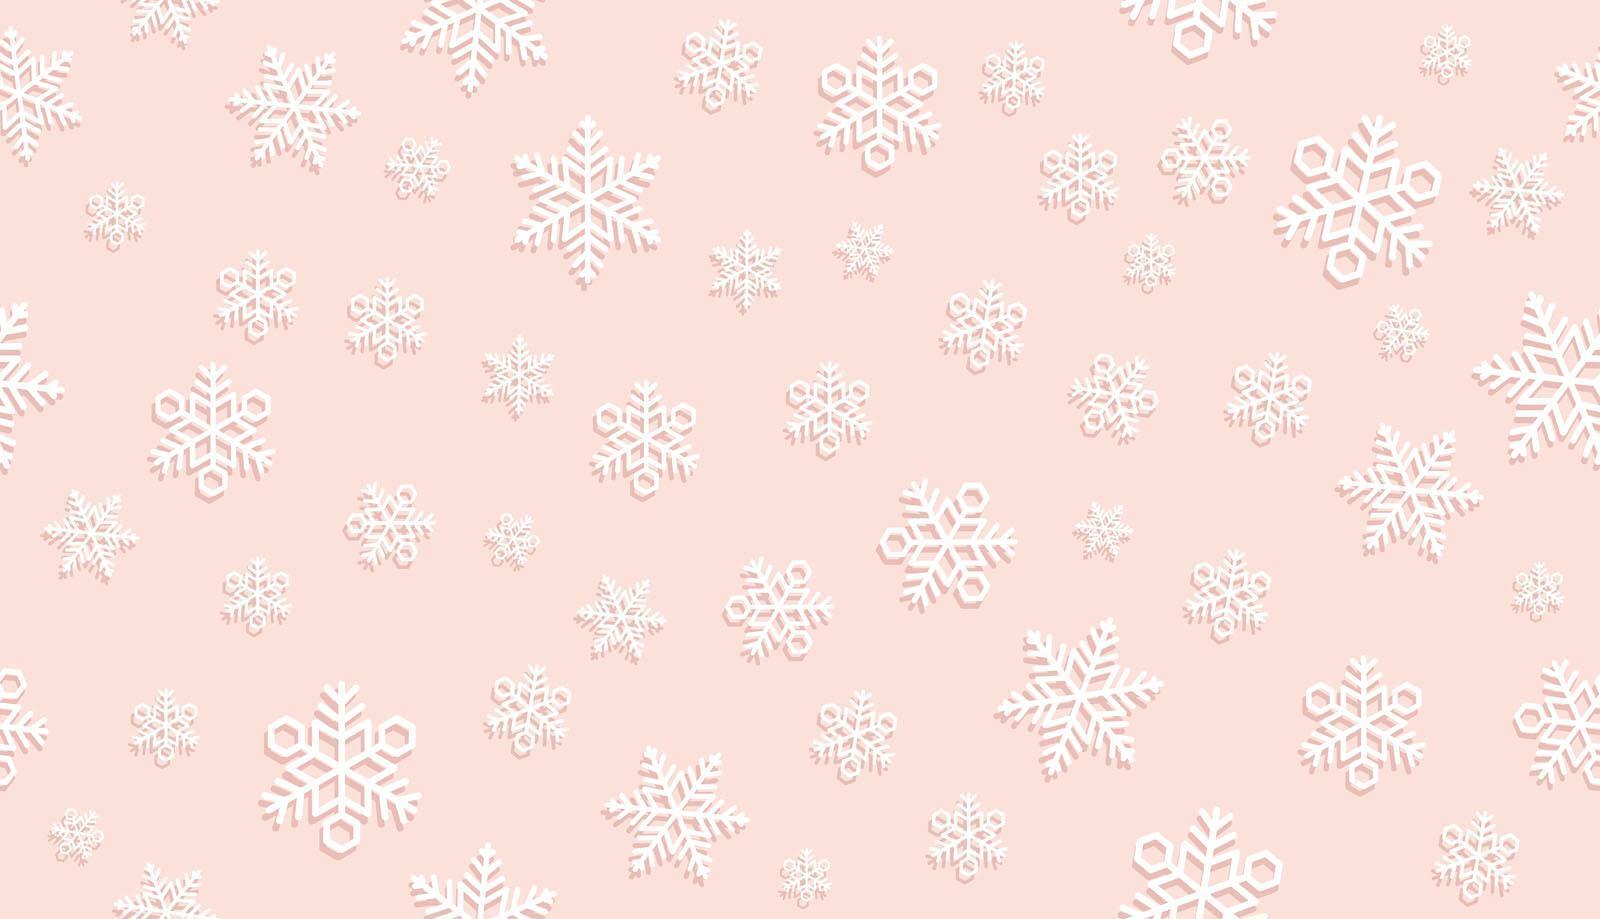 nahtloser rosa Schneehintergrund. vektor